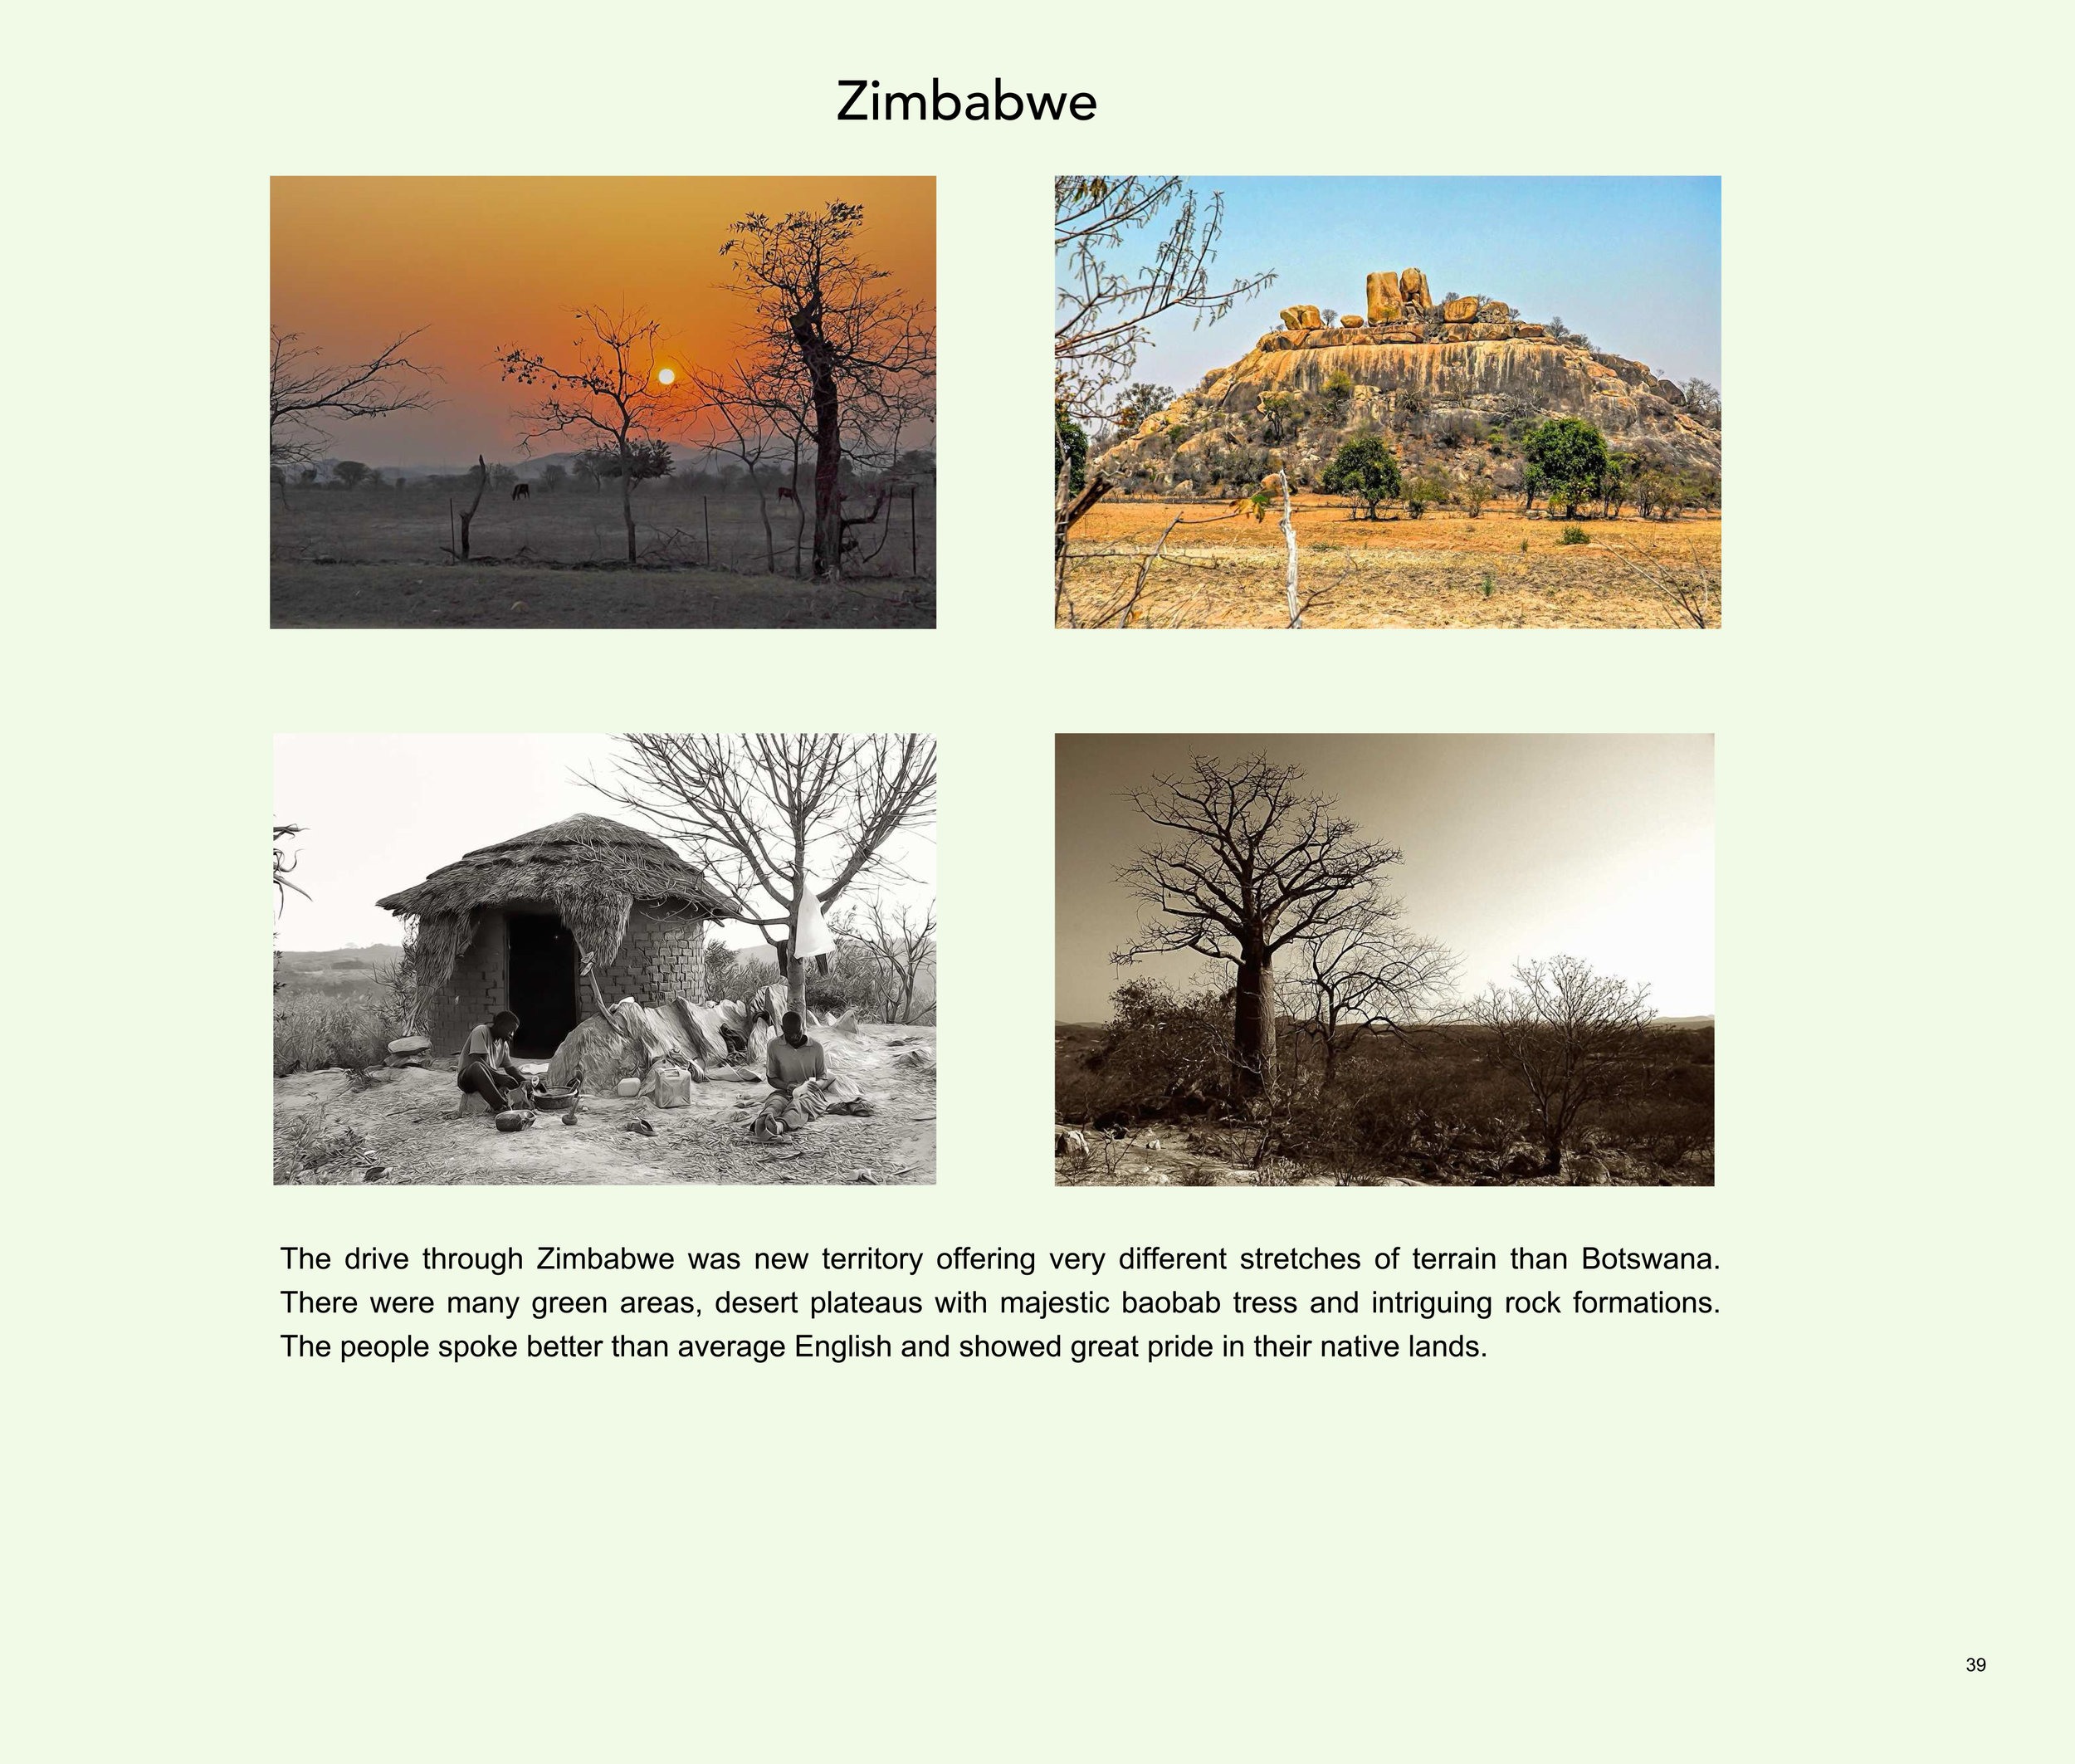 ImagesASouthernAfricaRoadTrip-41.jpg